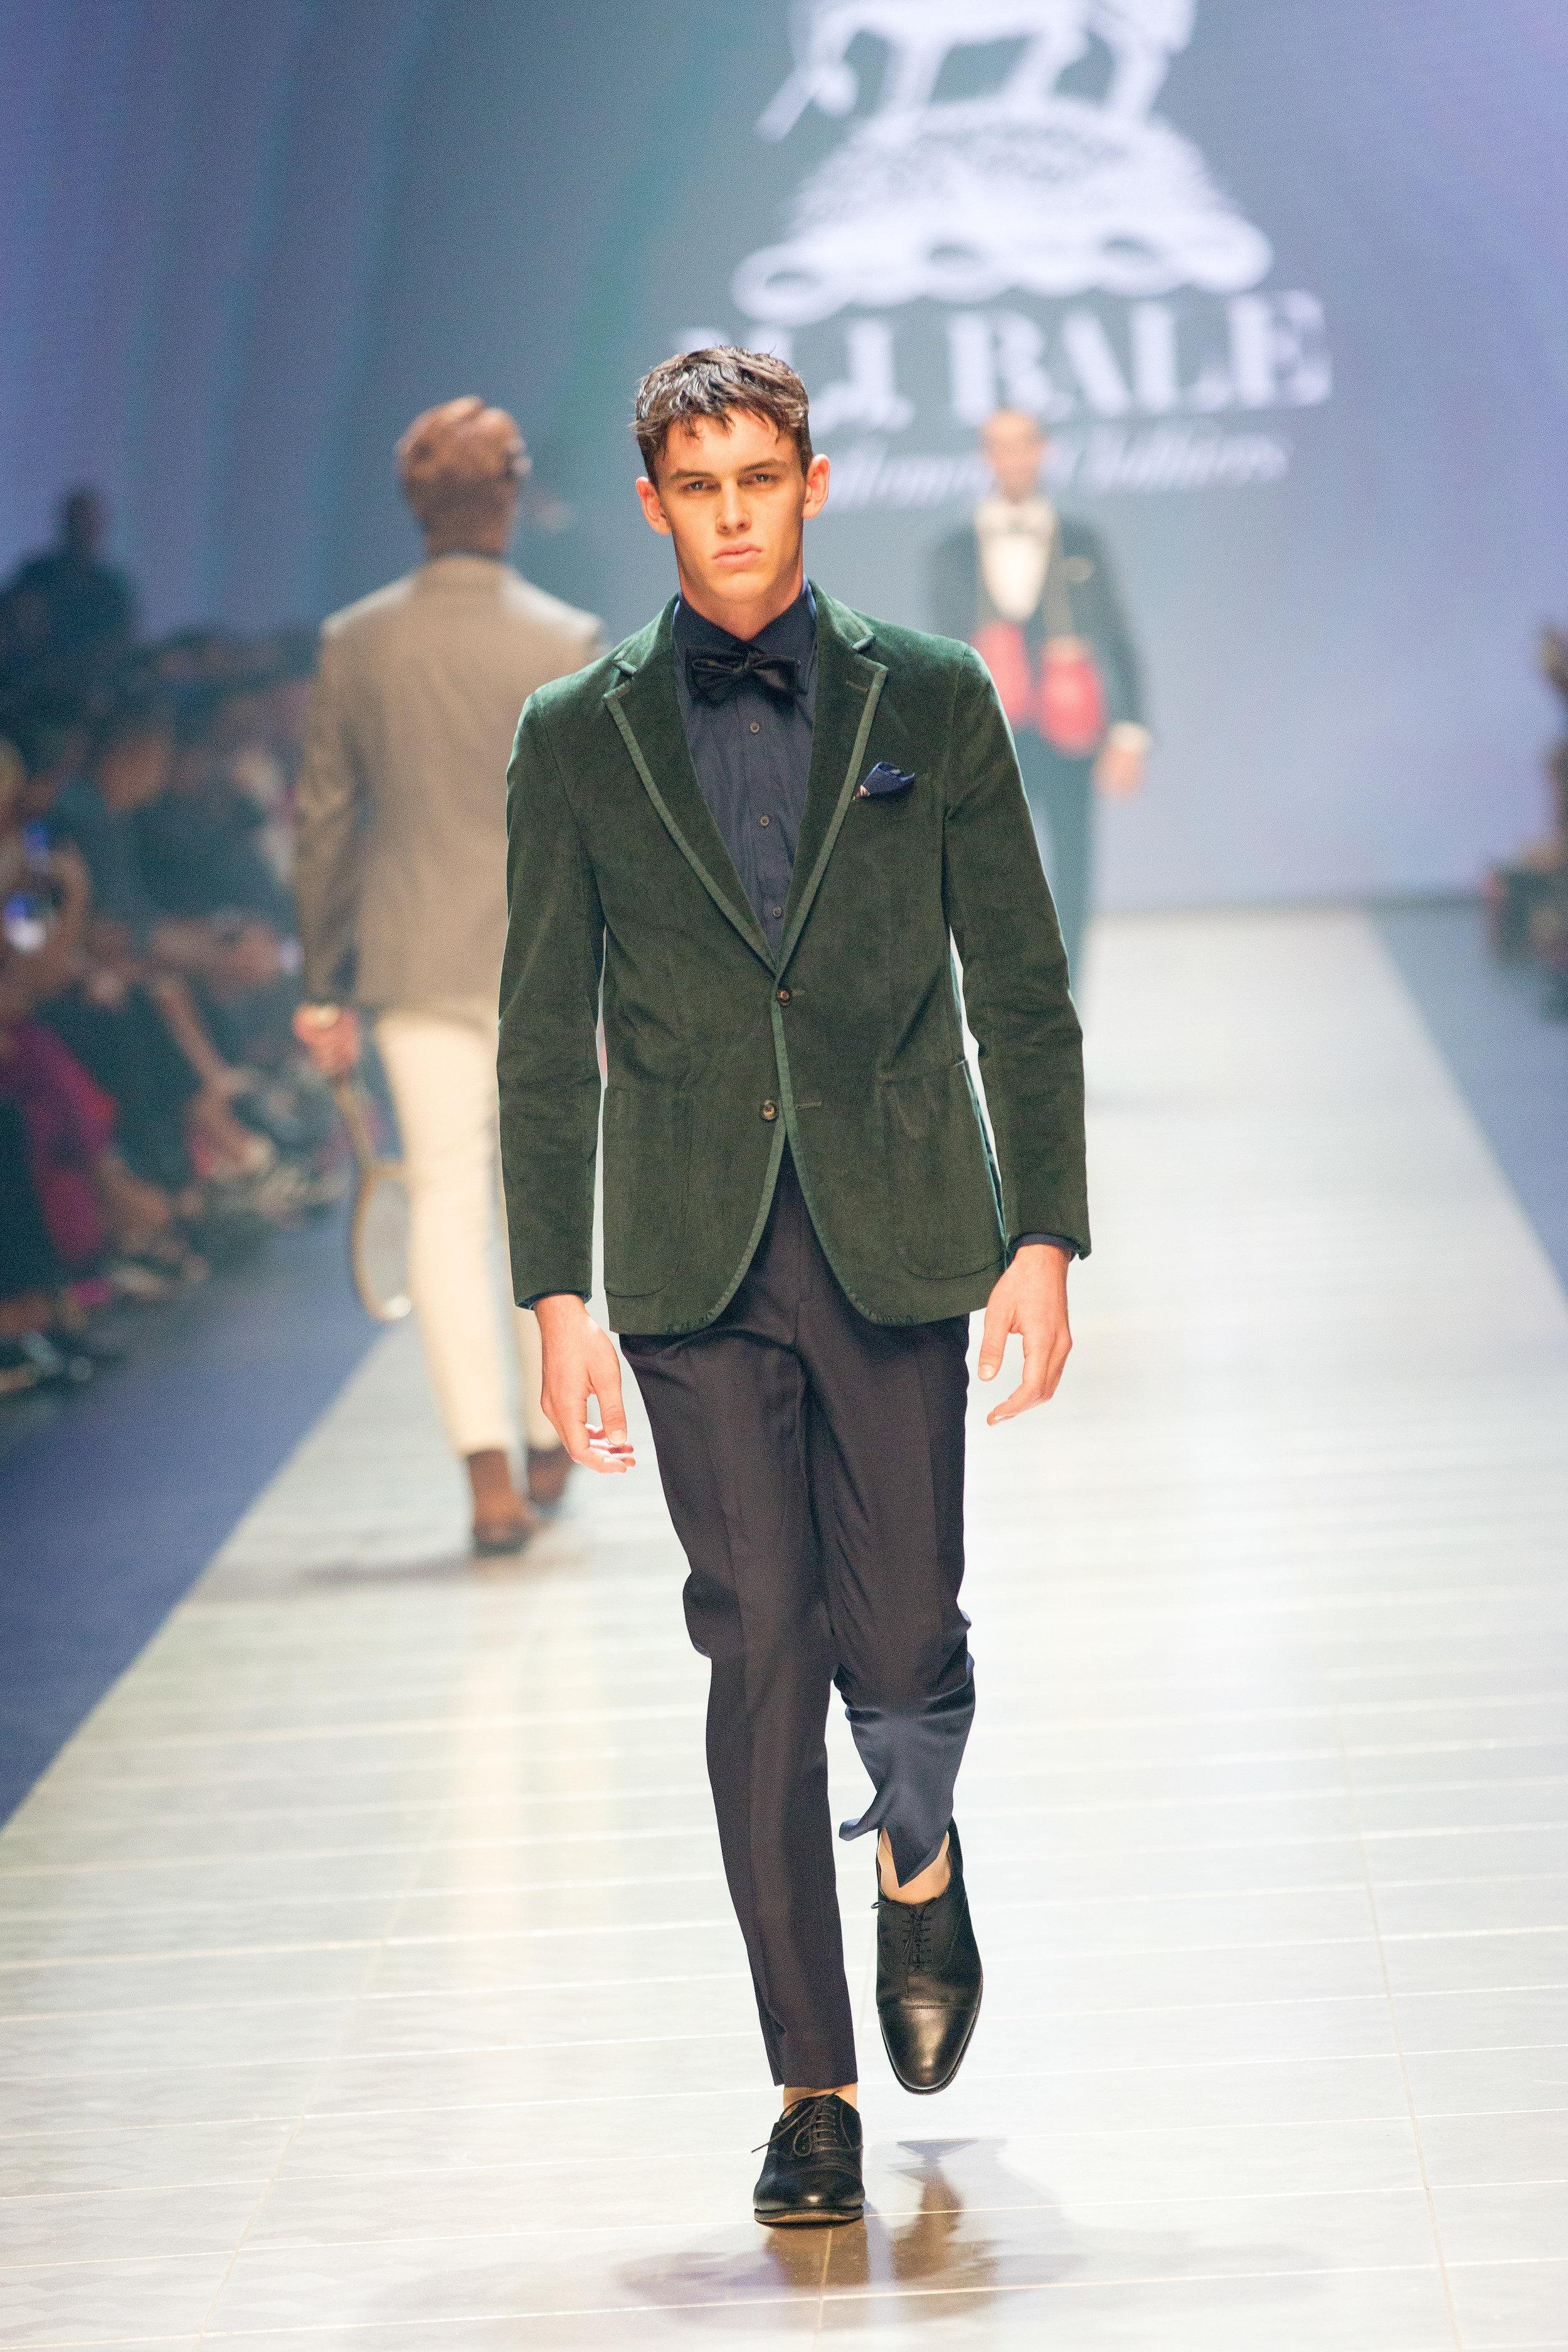 VAMFF2019_GQ Menswear-369.jpg